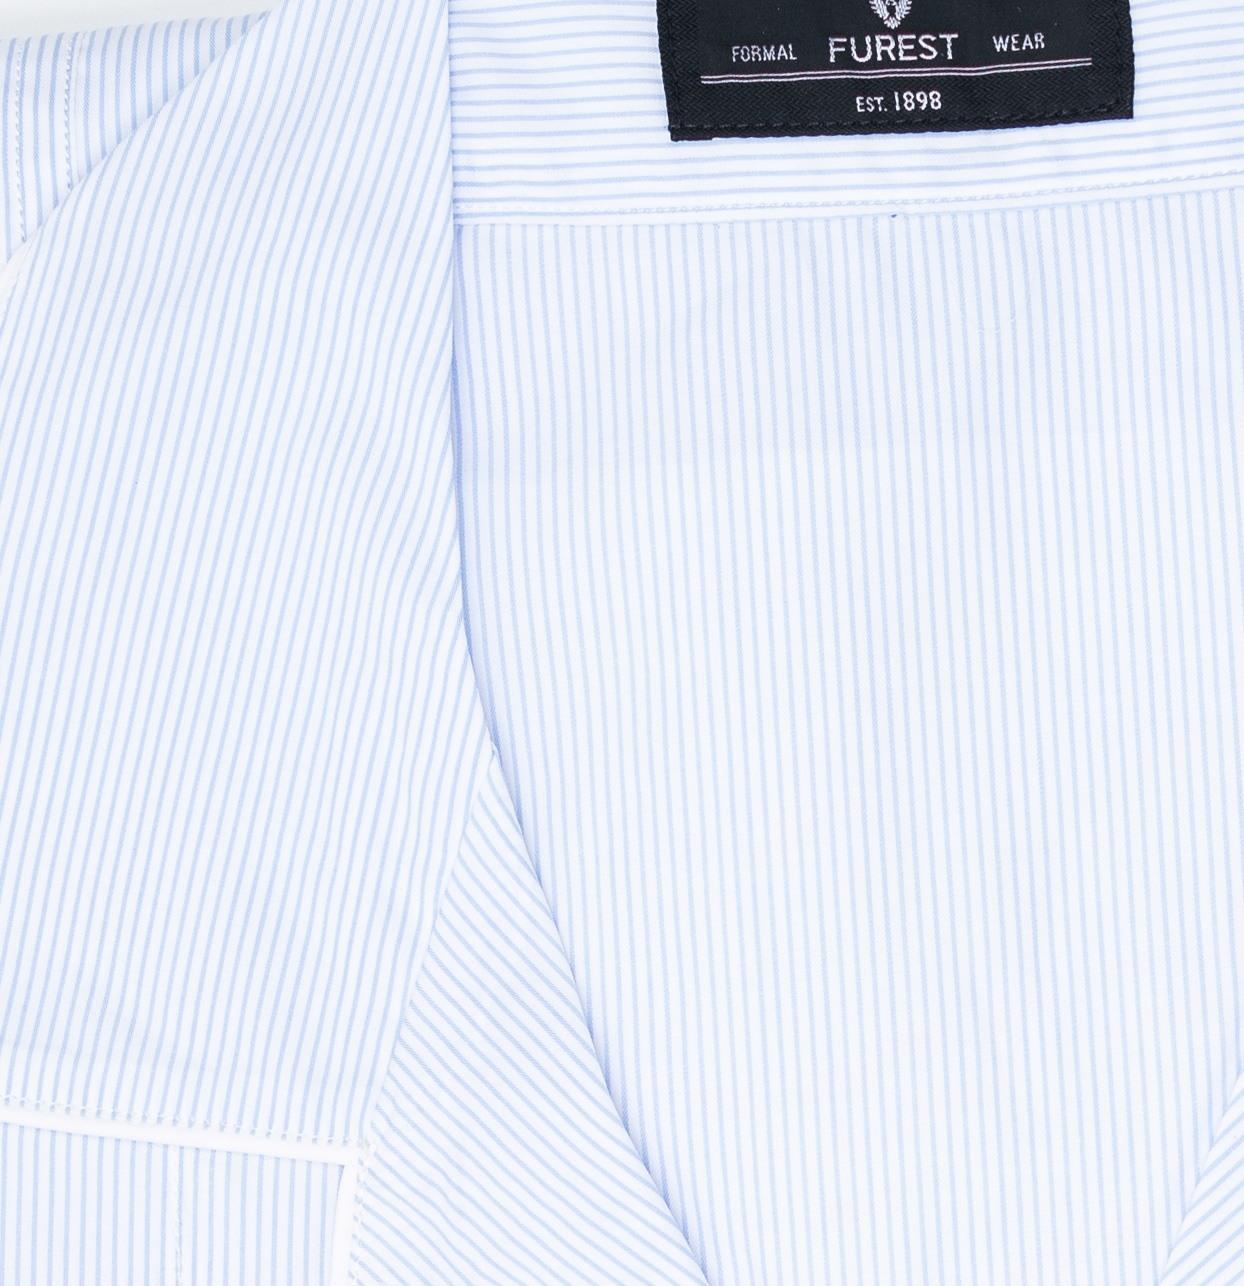 Pijama LARGO dos piezas, pantalón largo con cinta no elástica y funda incluida, color celeste con estampado de rayas, 100% Algodón. - Ítem2